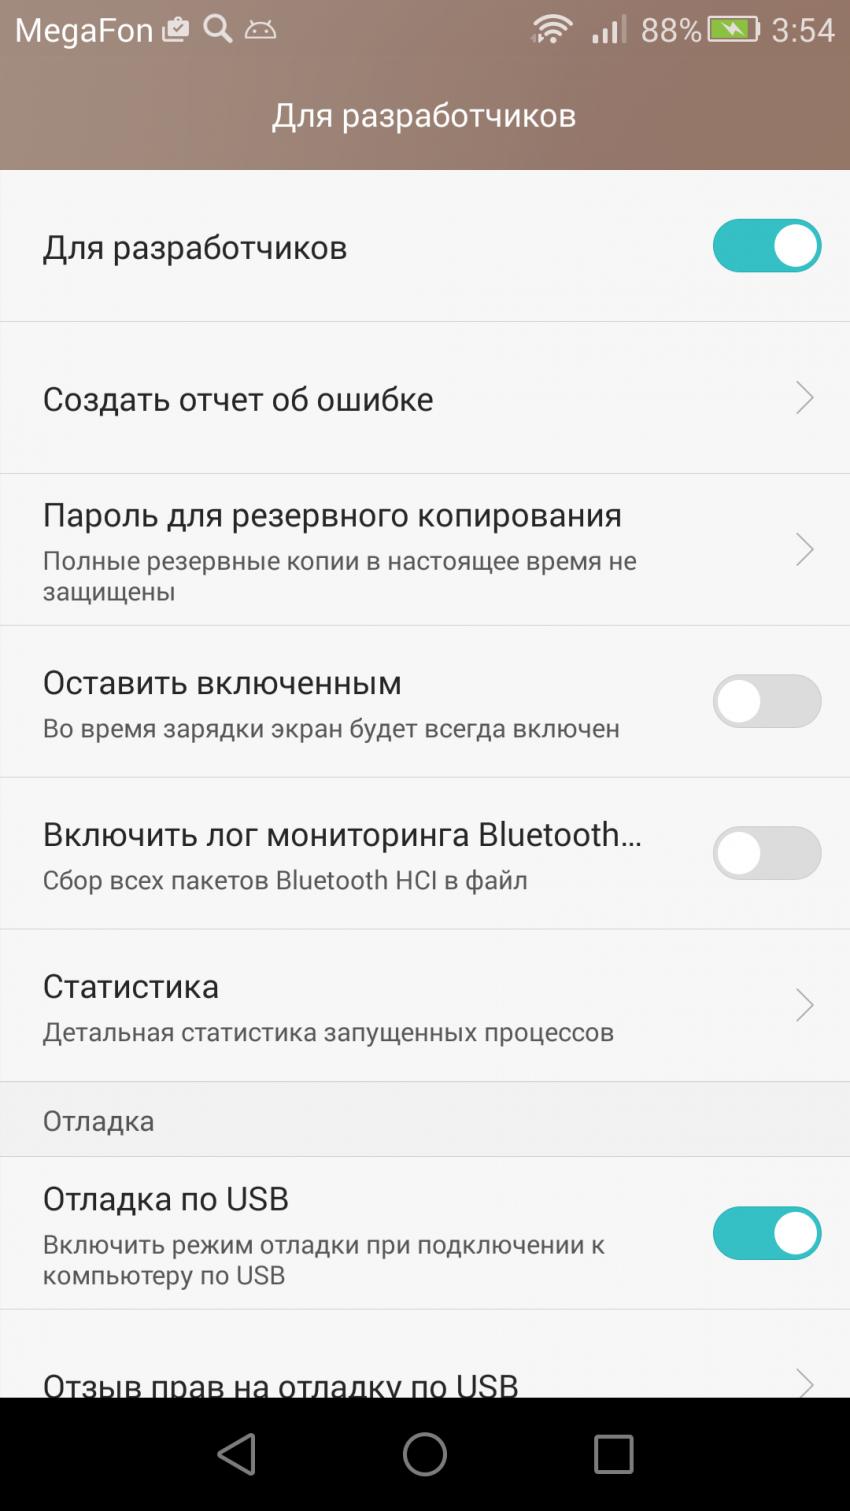 Как сделать root-права на андроиде